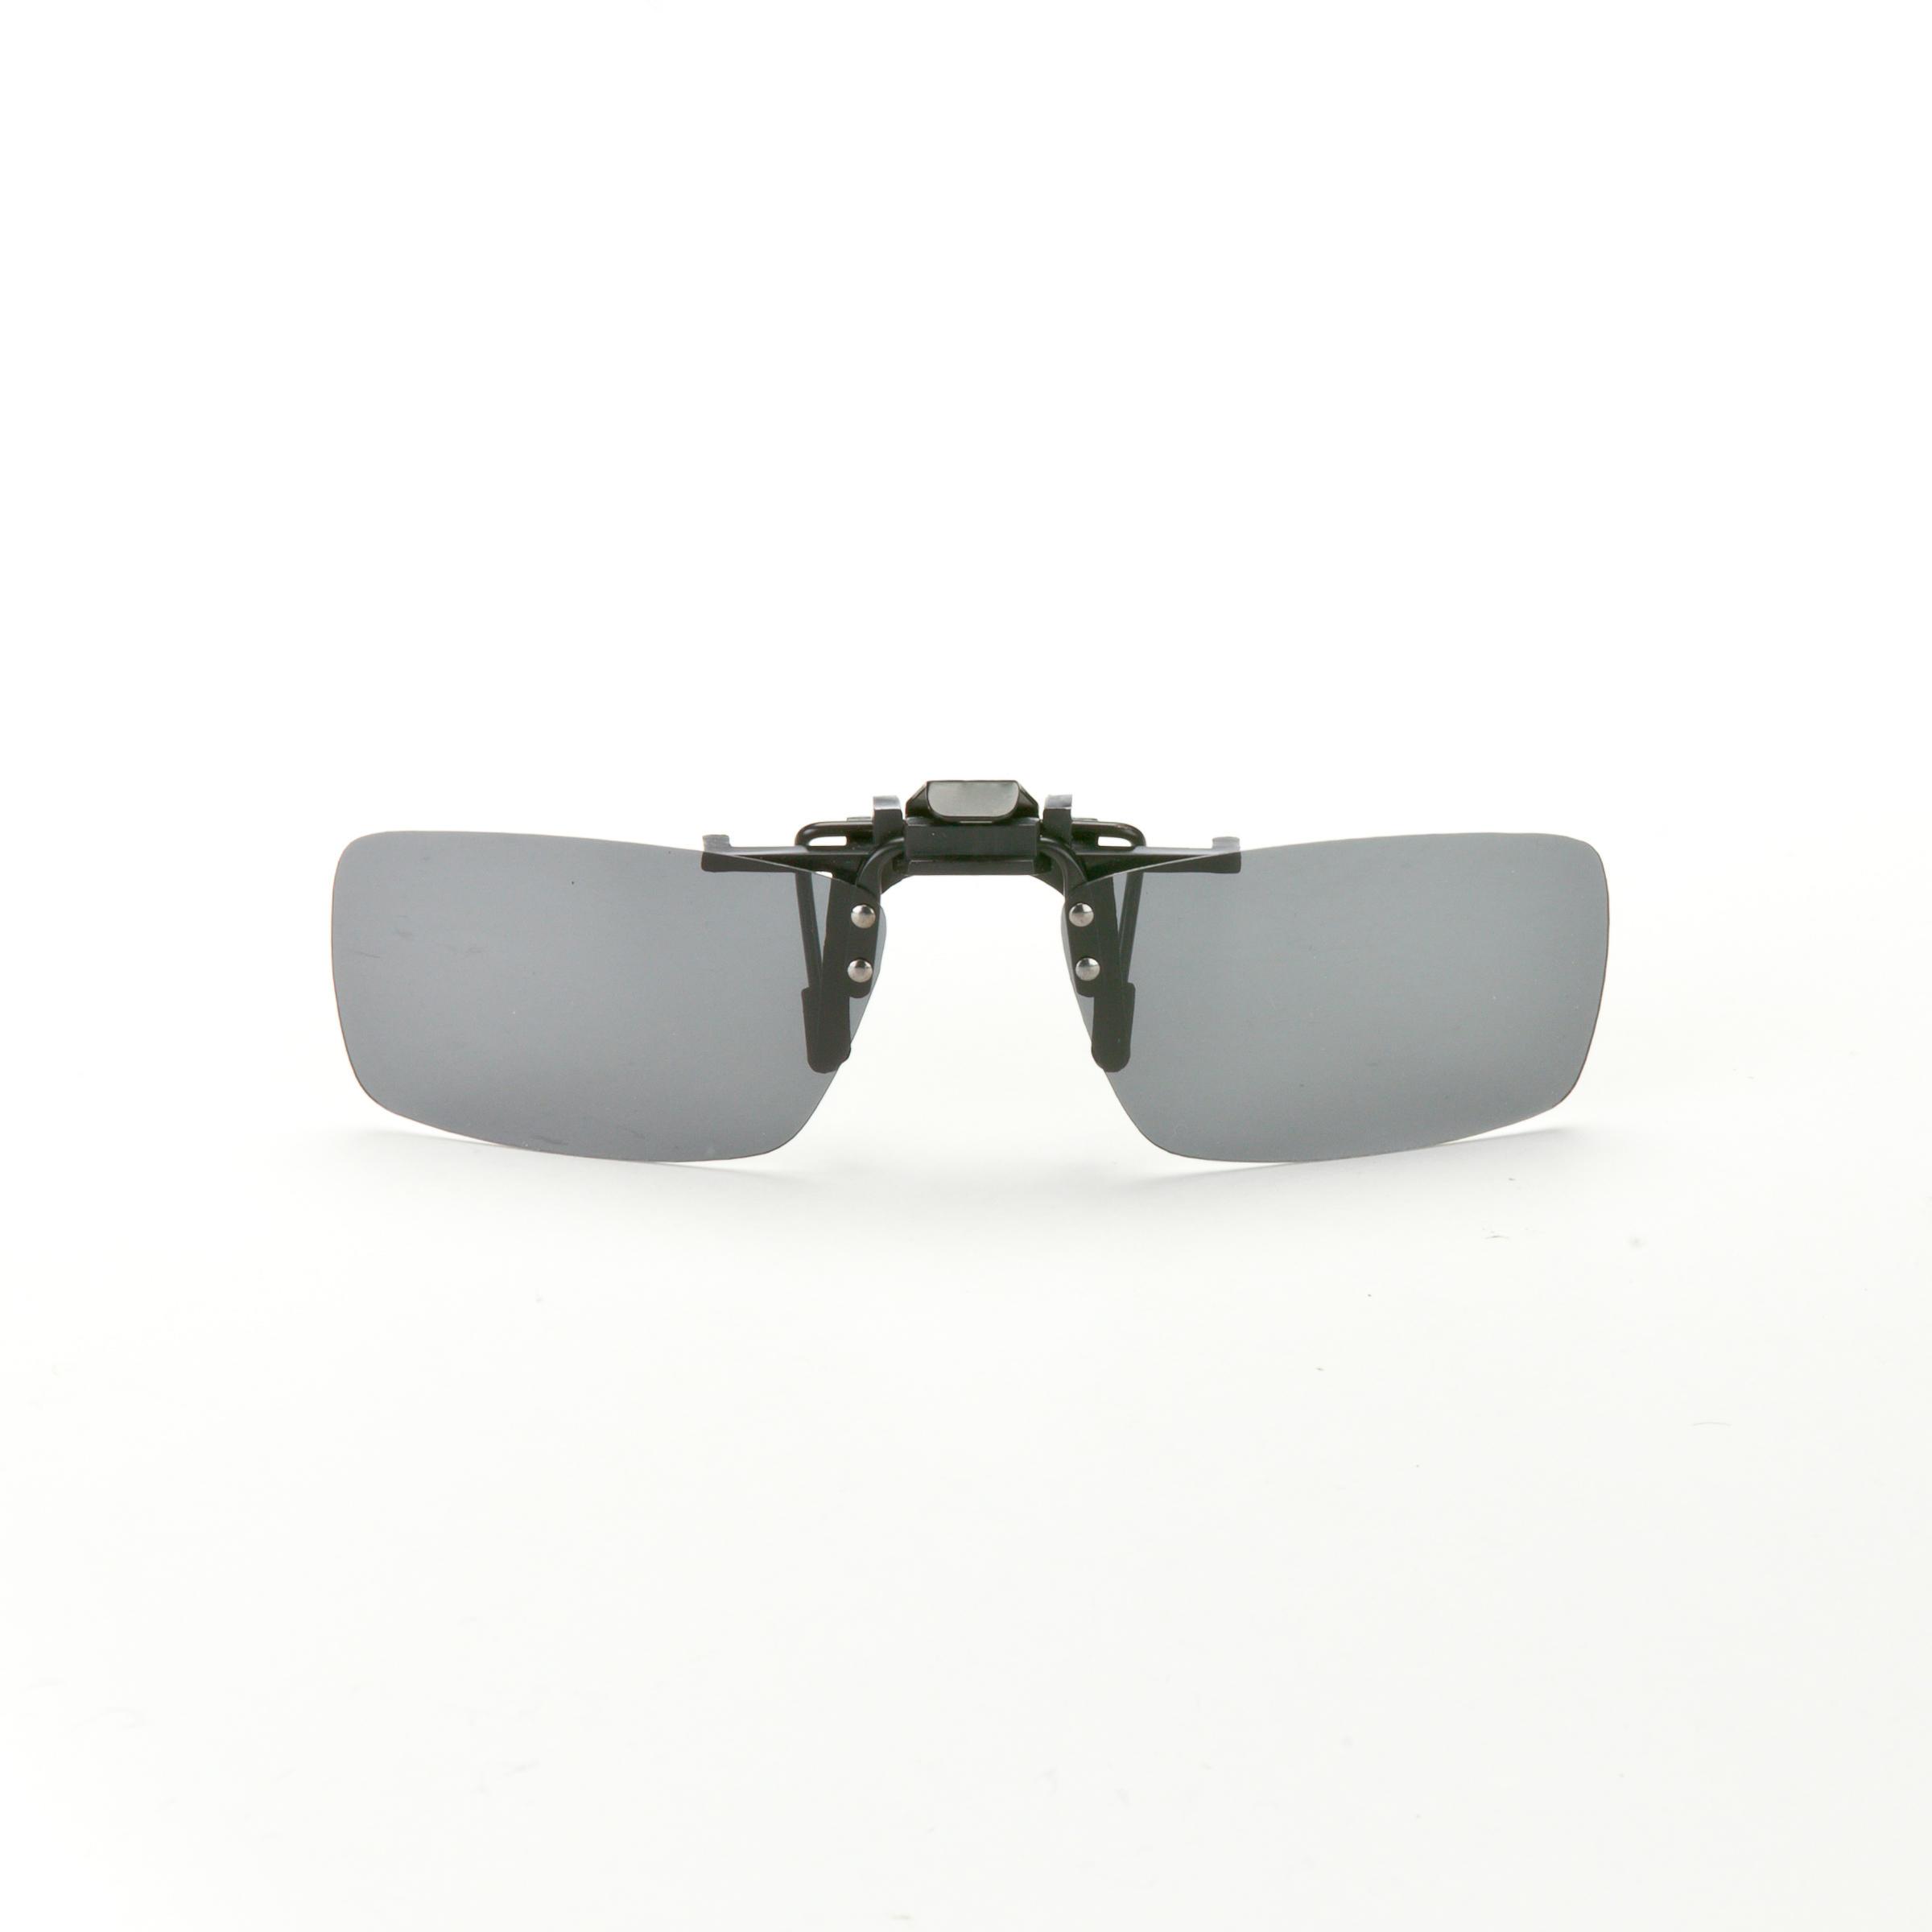 Aufsteckbrille für Korrekturbrillen MH 120 OTG Small polarisierend Kategorie 3 | Uhren > Keramikuhren | Grau | Quechua